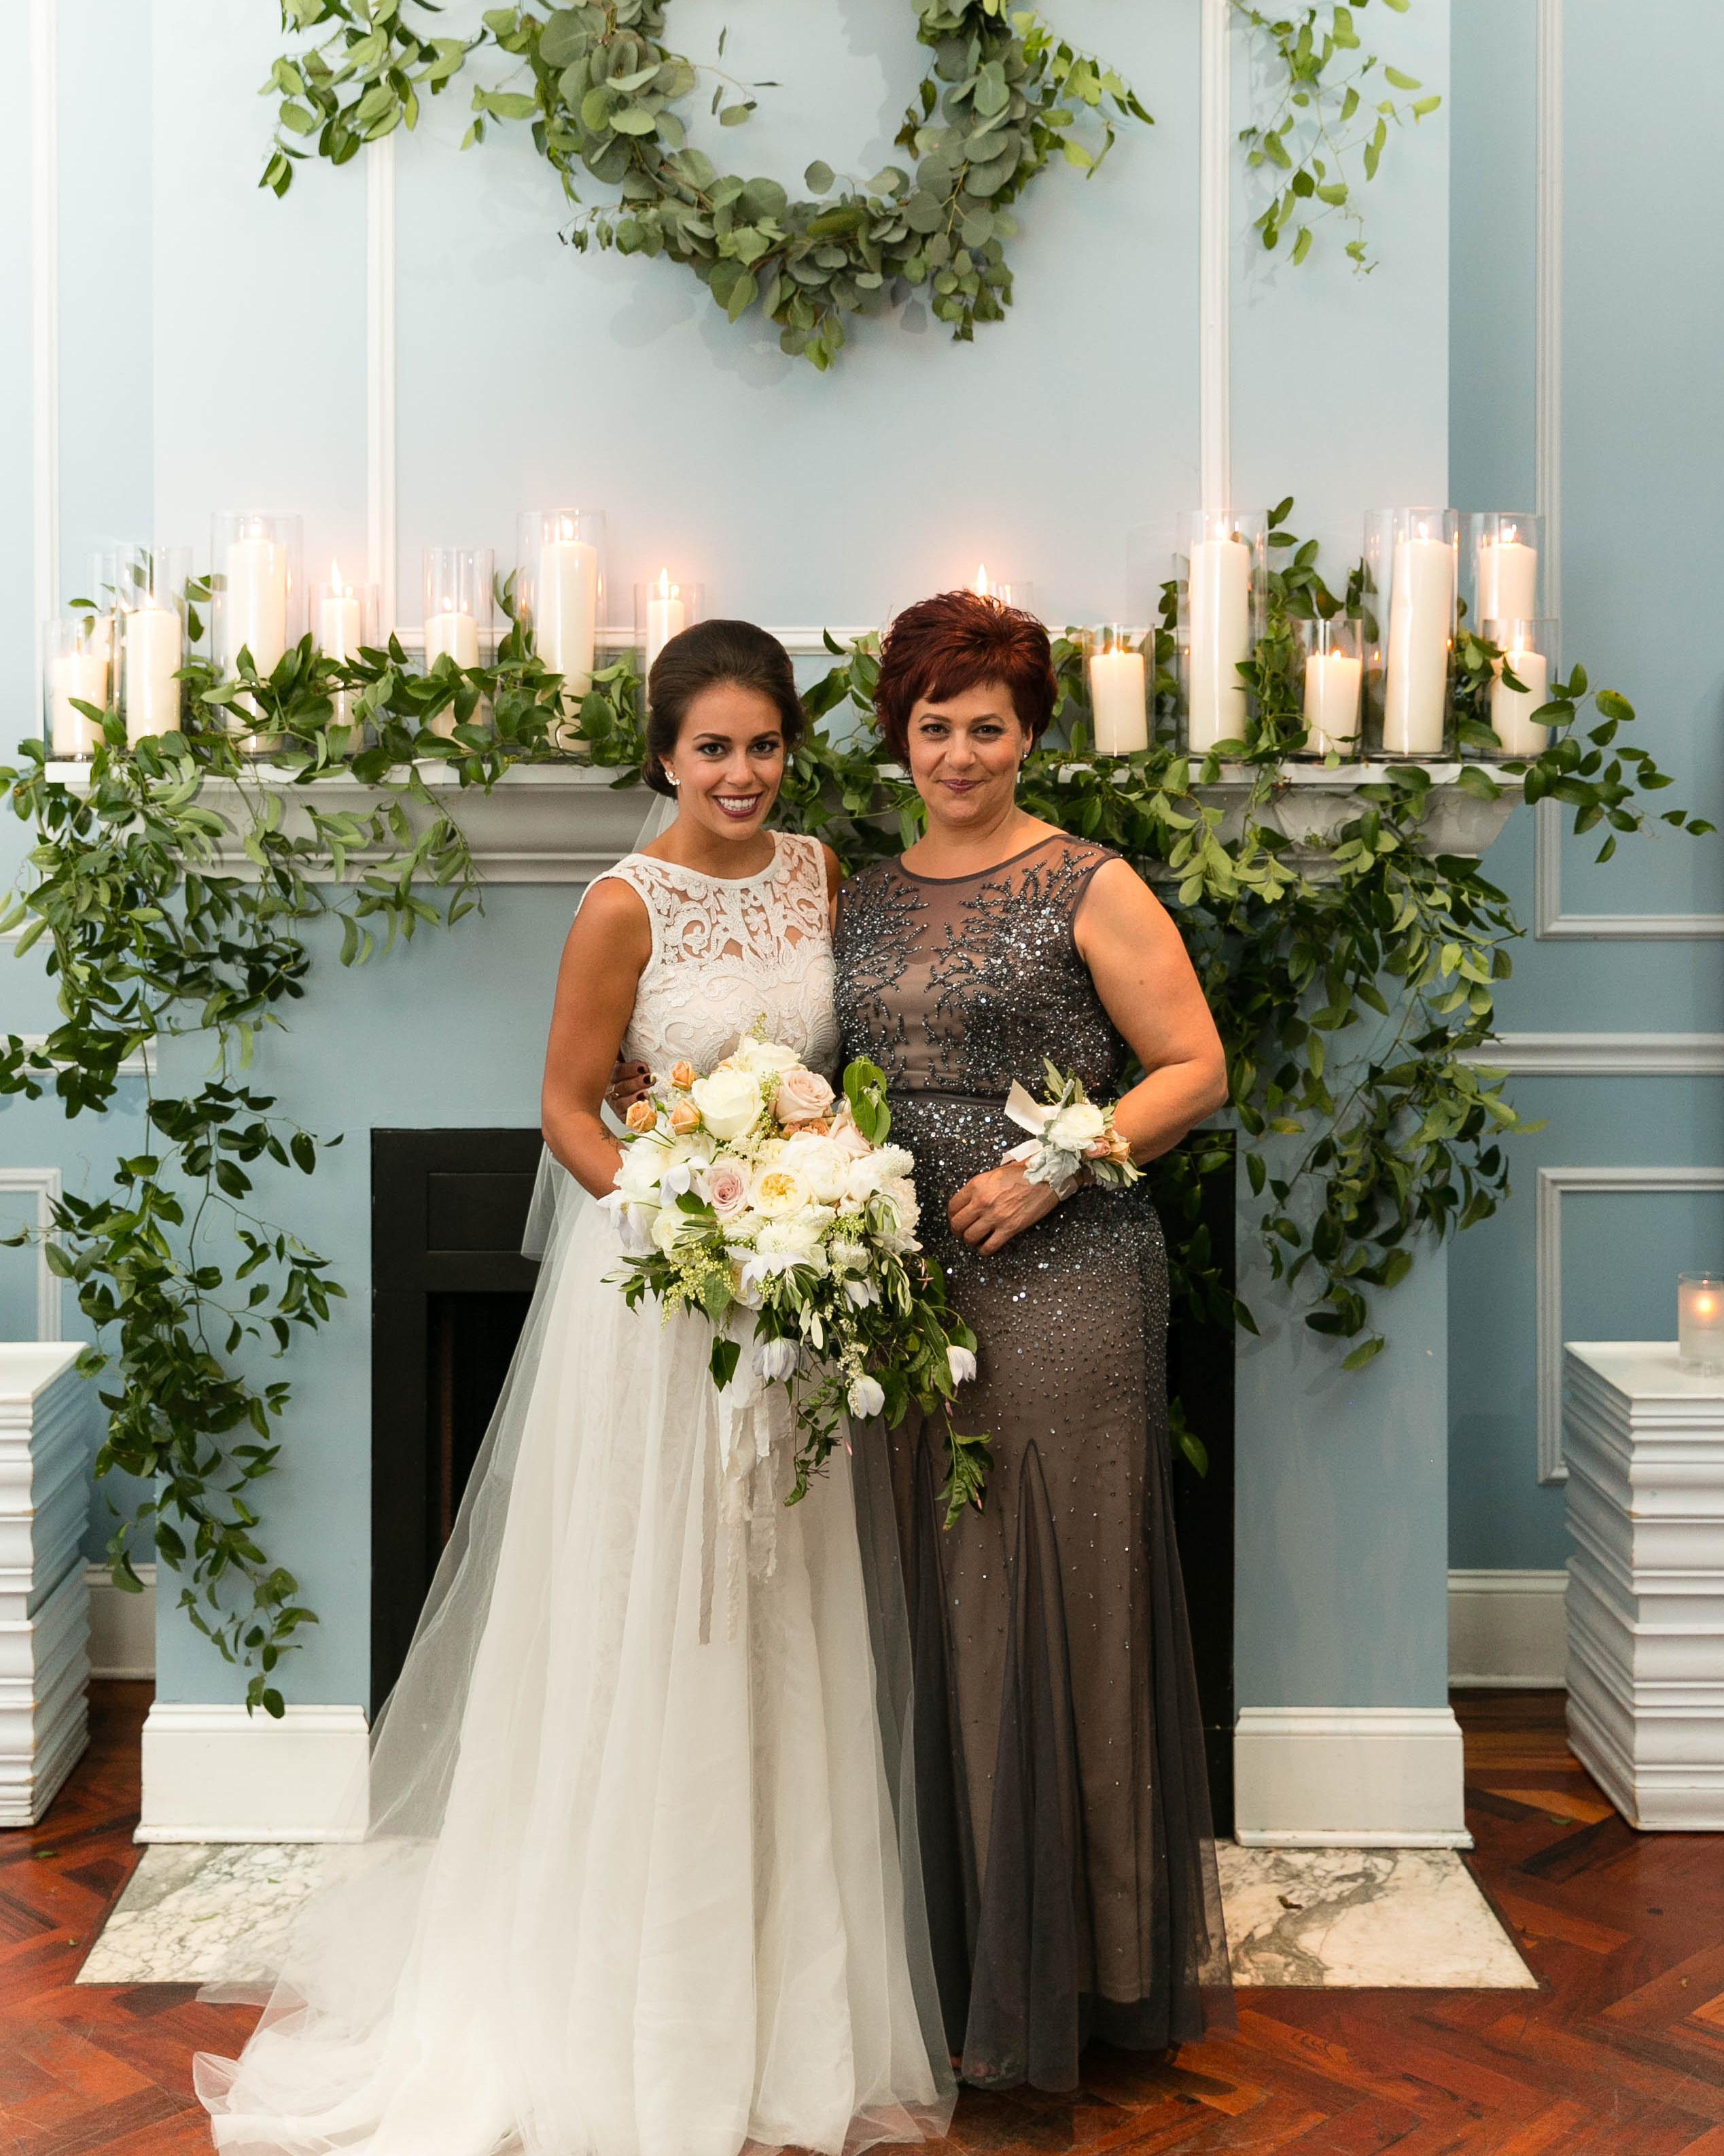 bianca-bryen-wedding-mom-379-s112509-0216.jpg